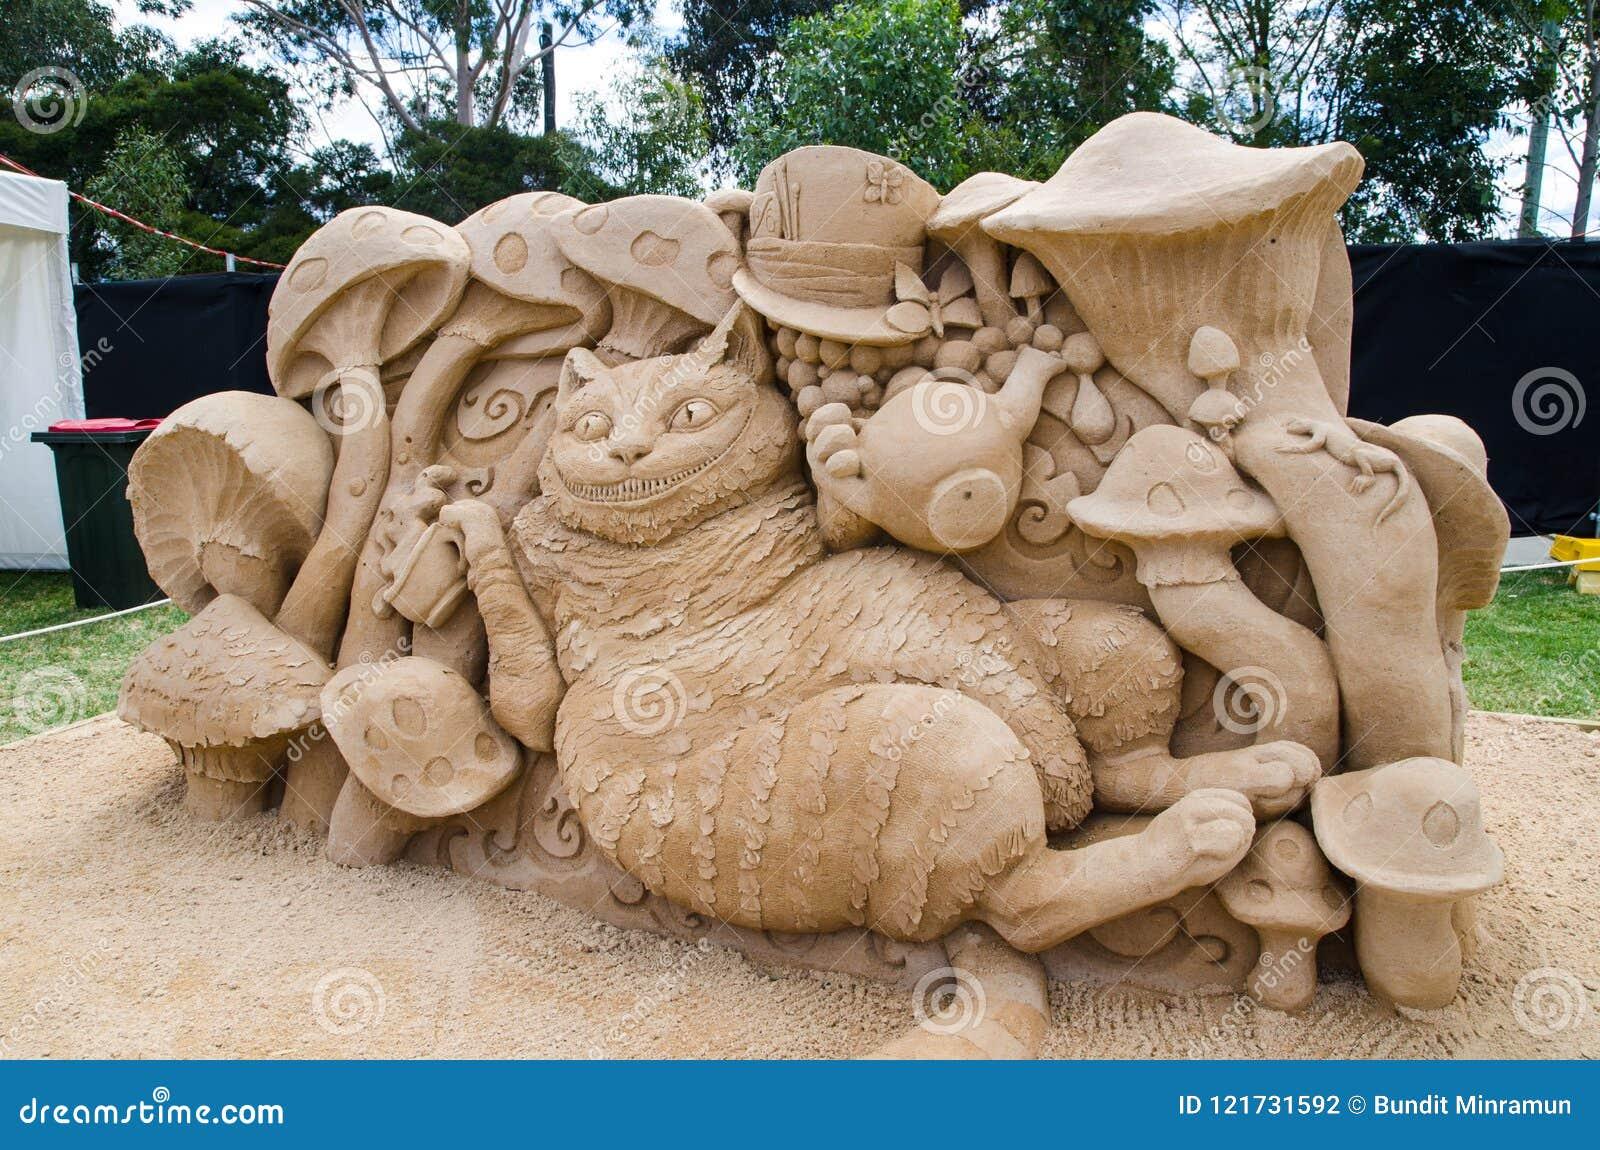 Beautiful Sand Sculpture `Cheshire Cat` in Wonderland exhibition, at Blacktown Showground.